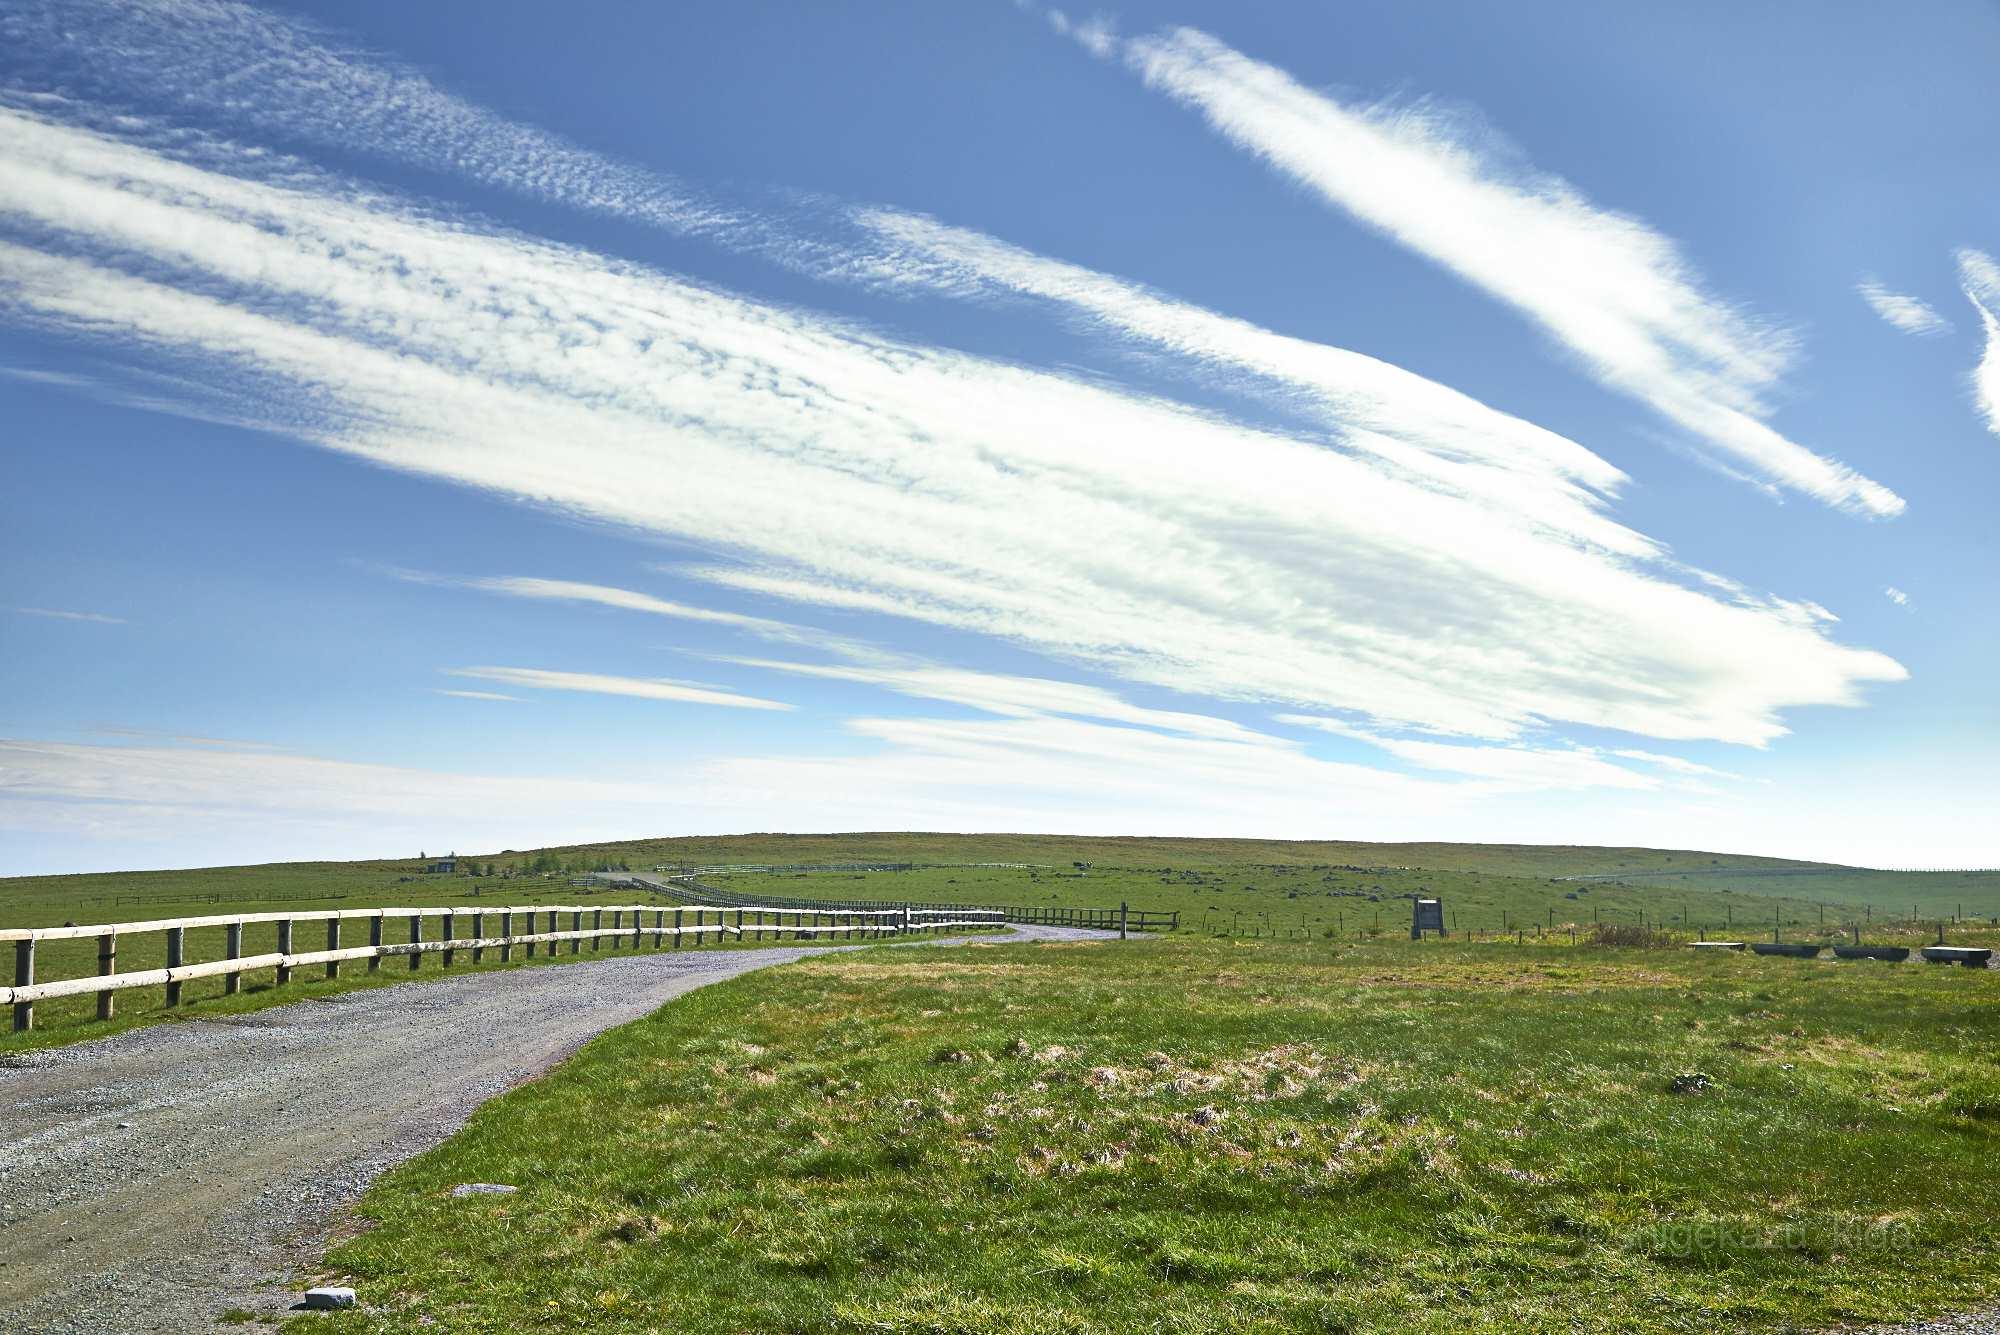 美ヶ原と牧場の風景